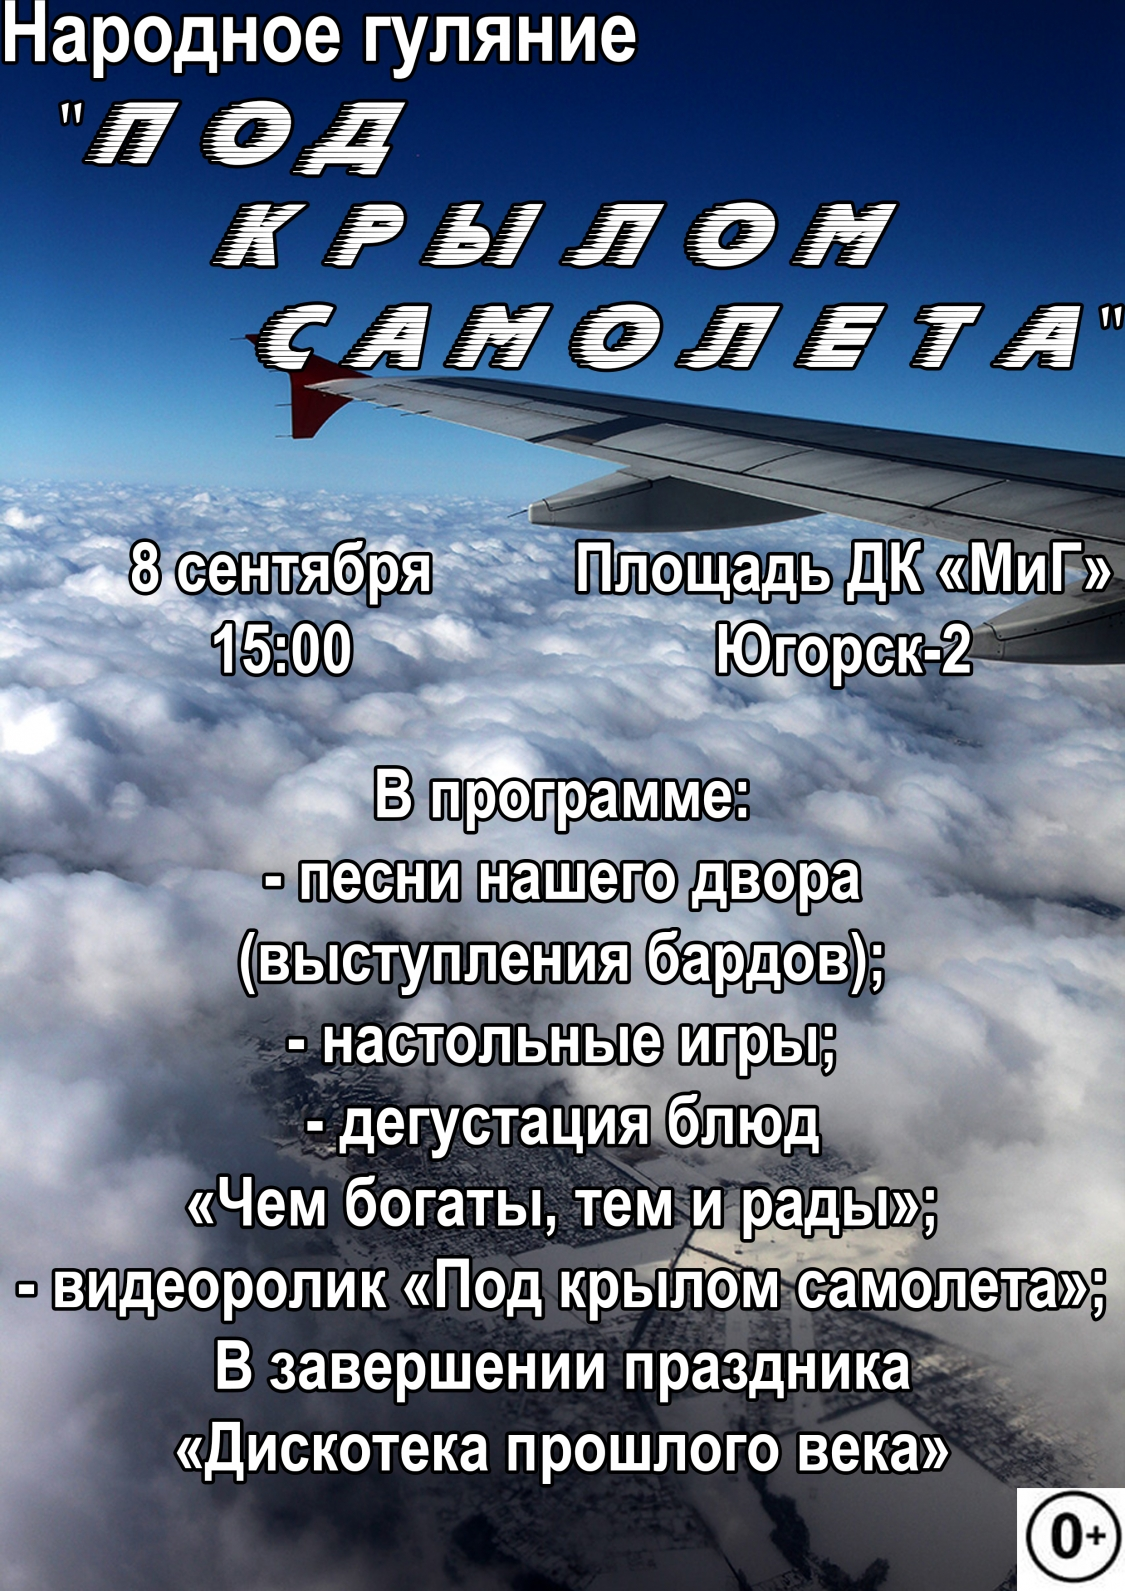 Народное гуляние «Под крылом самолета»